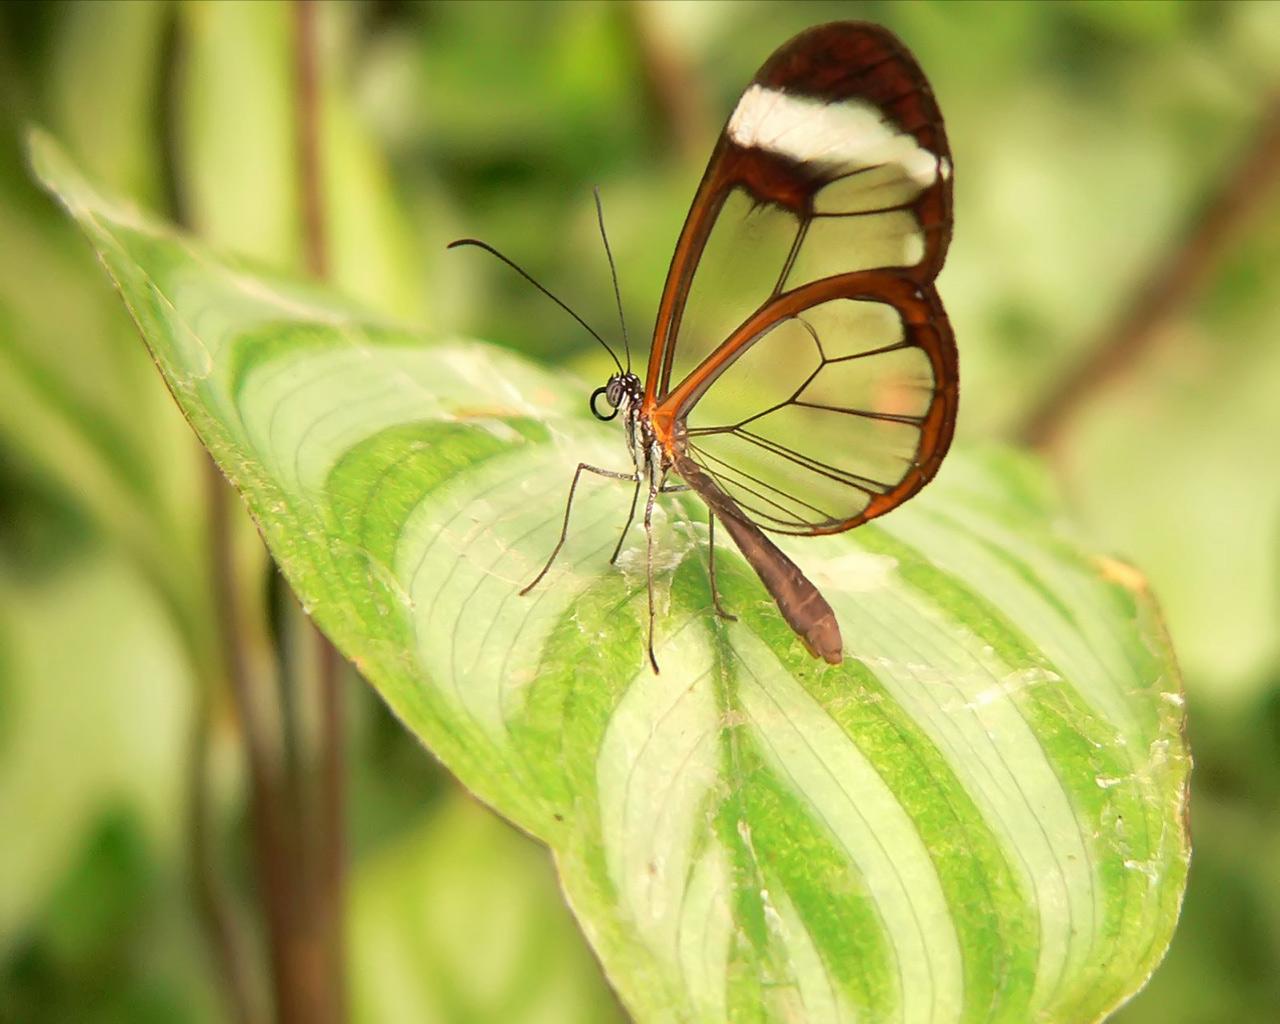 Hình ảnh trang sức thời trang bươm bướm bay đẹp nhất